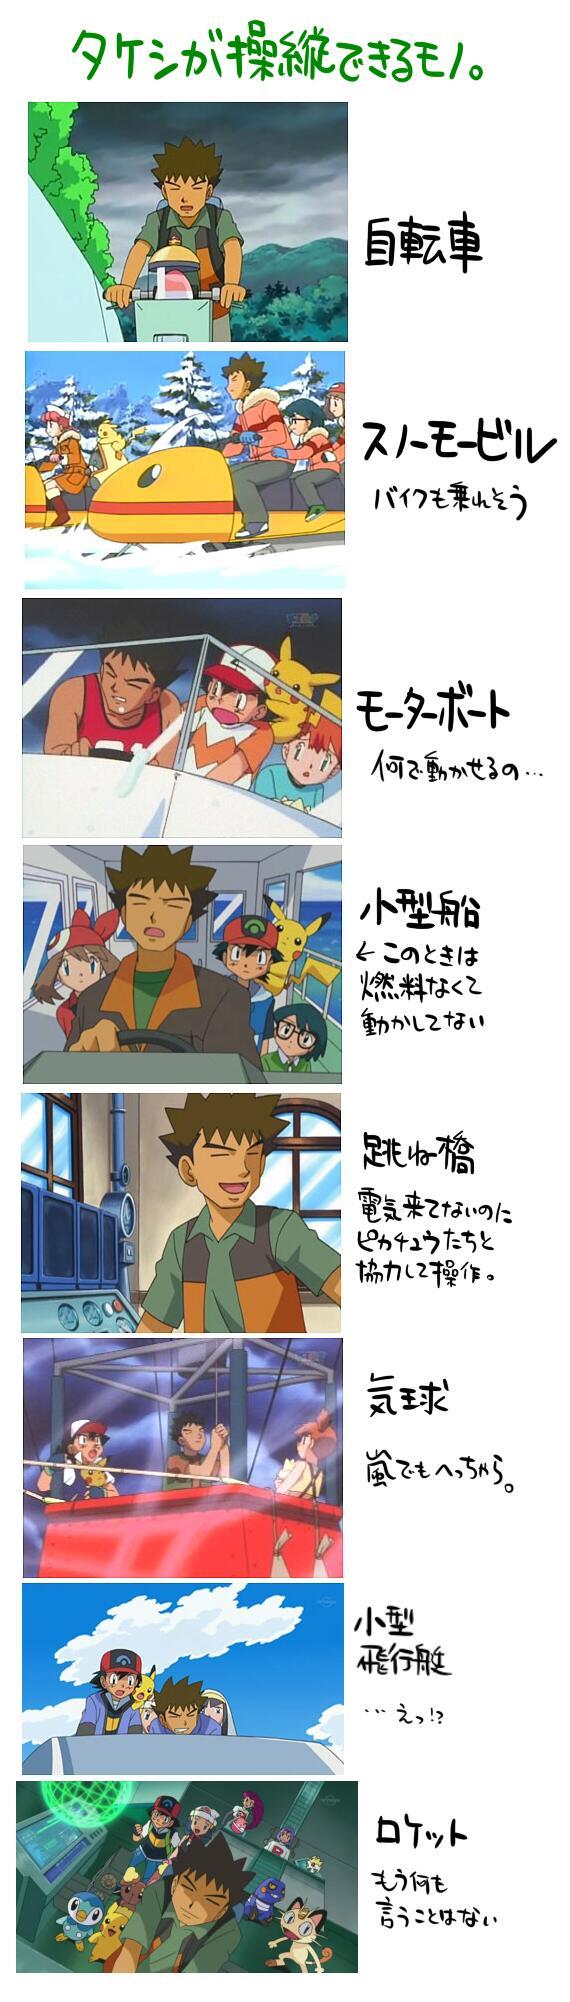 タケシ (アニメポケットモンスター)の画像 p1_37